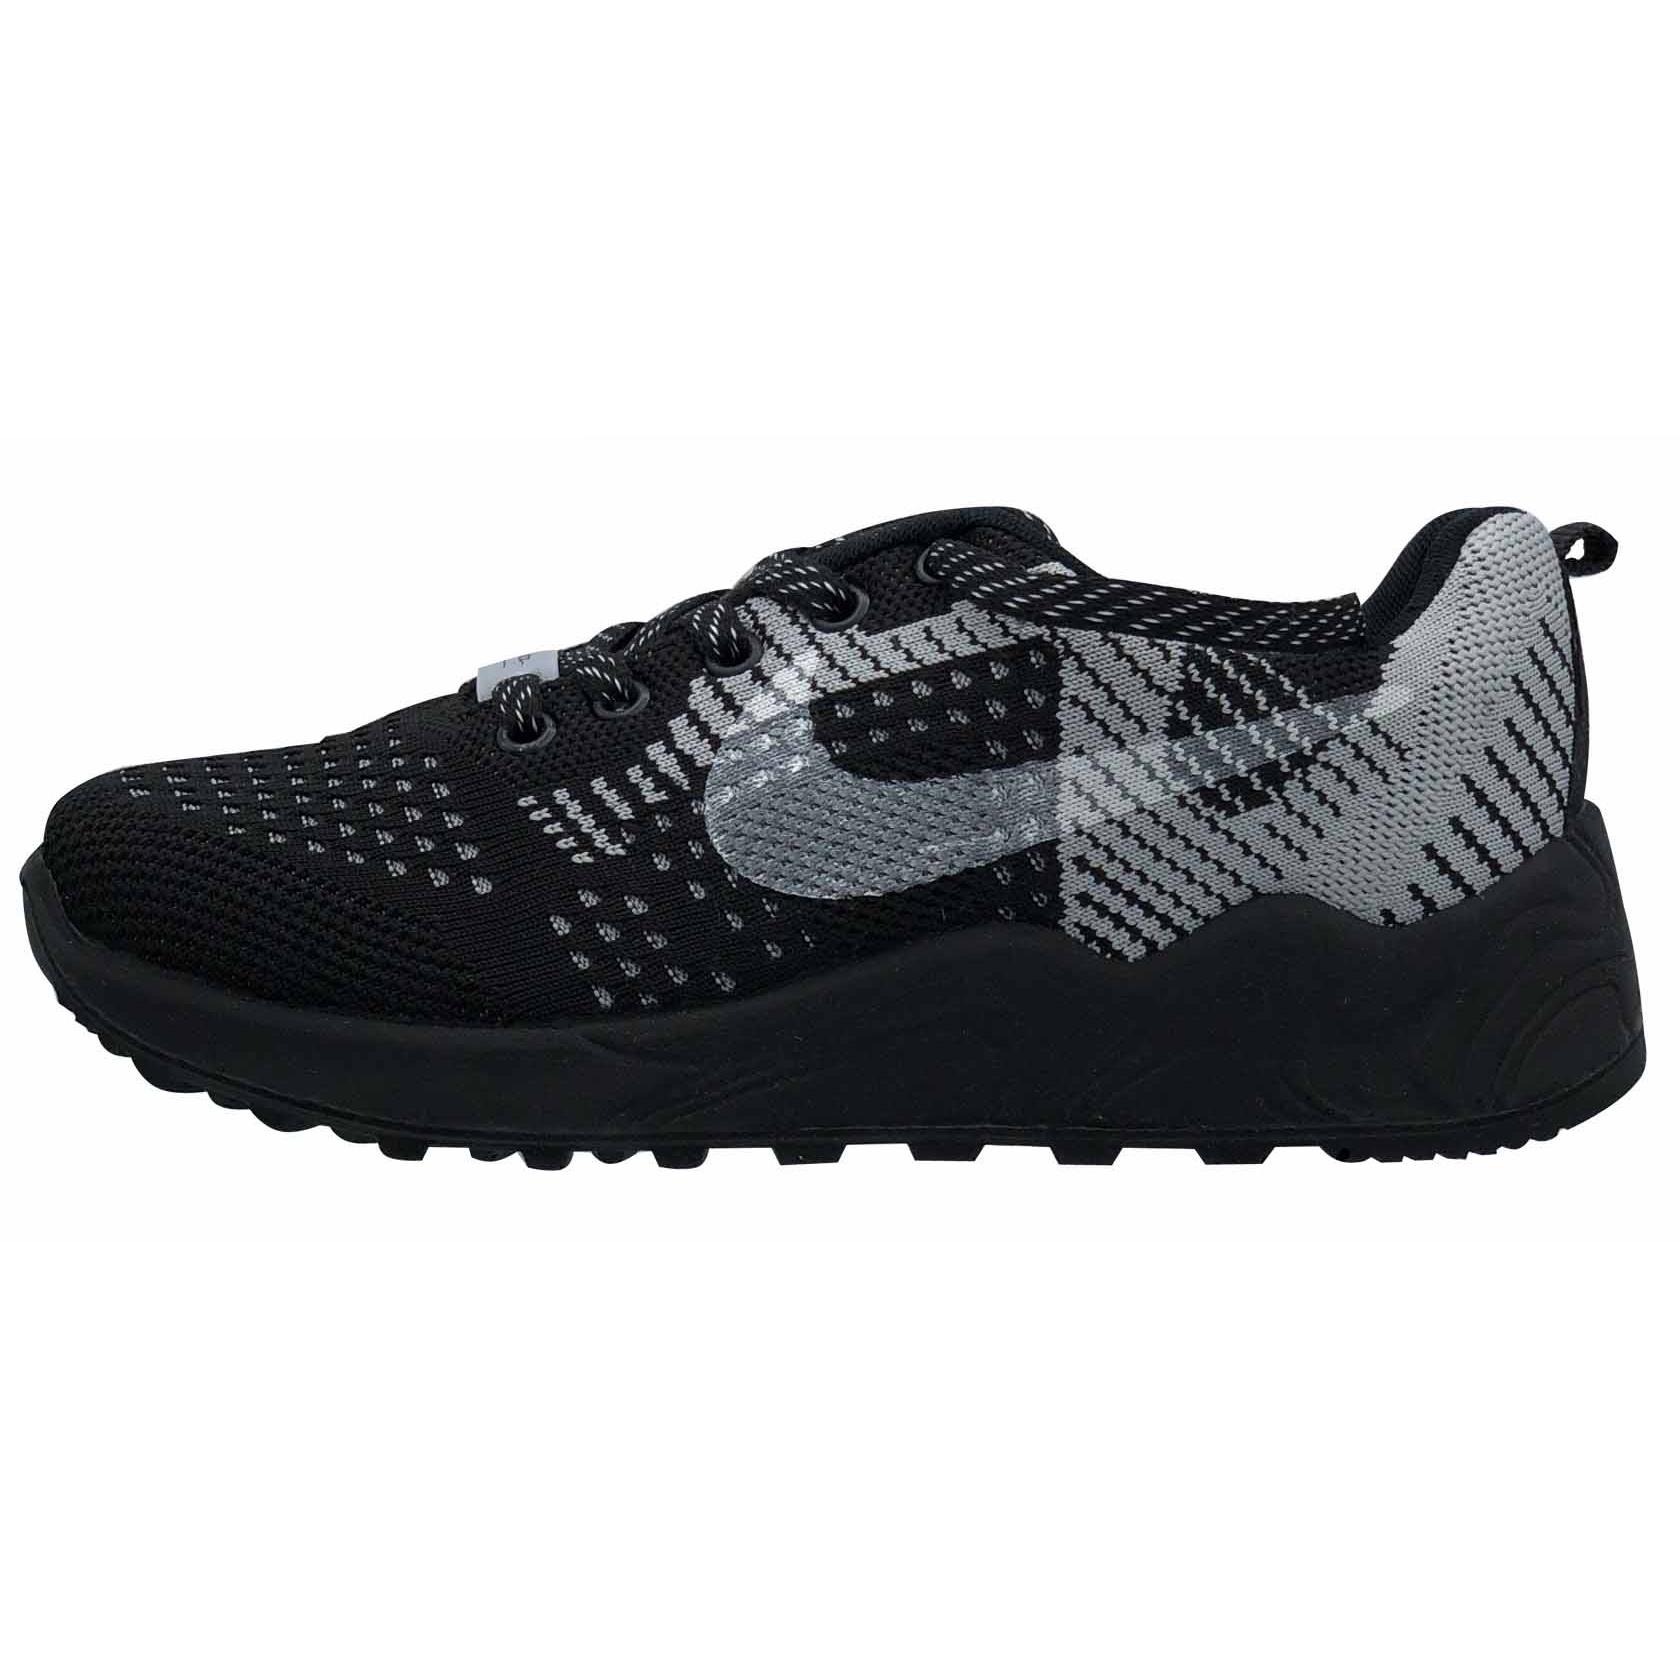 کفش مخصوص پیاده روی زنانه کد 9831